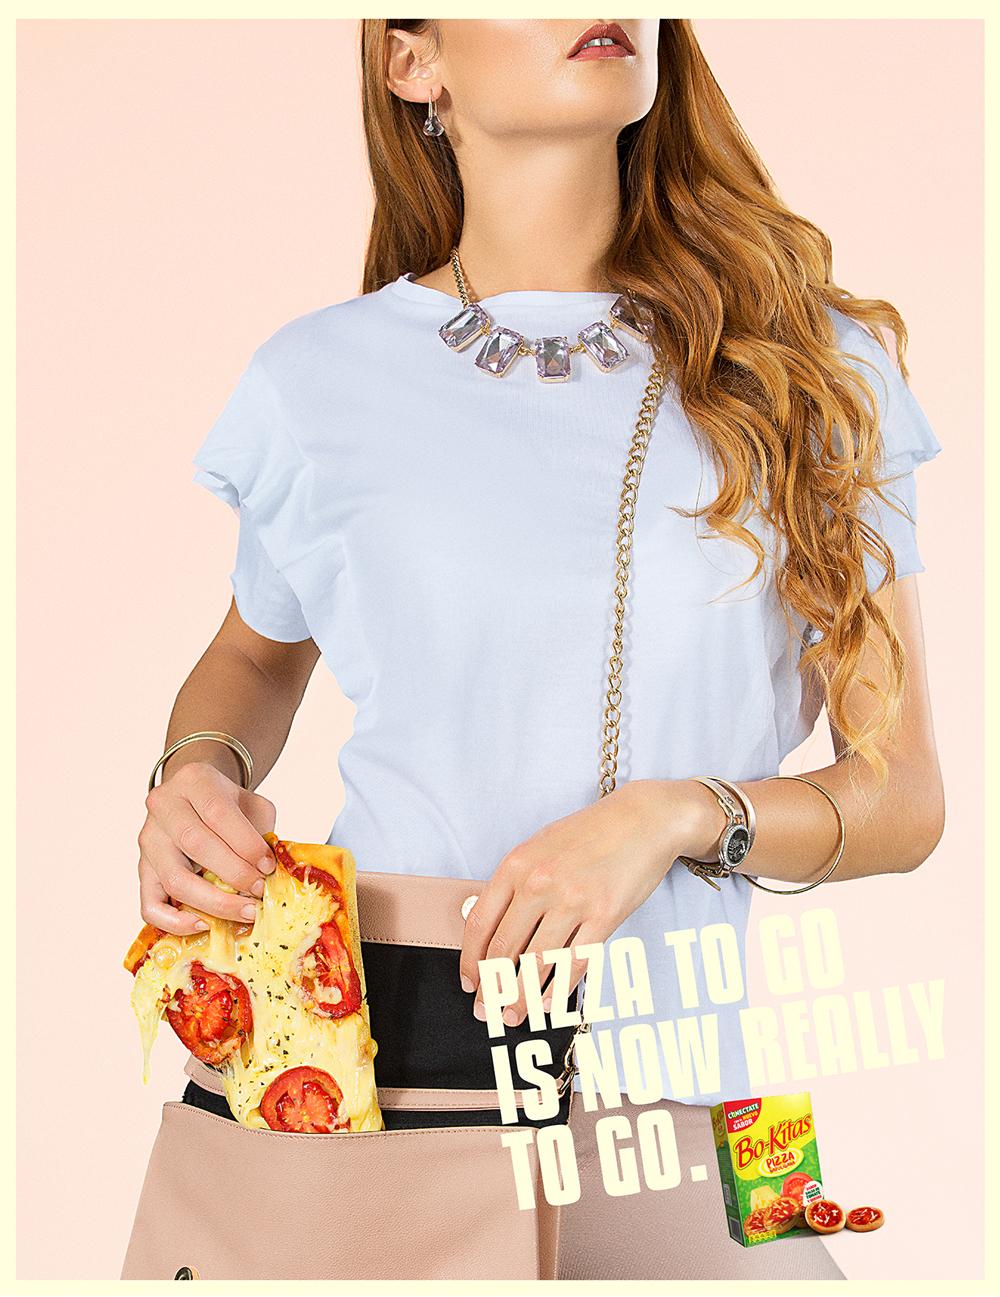 pizza girl.jpg